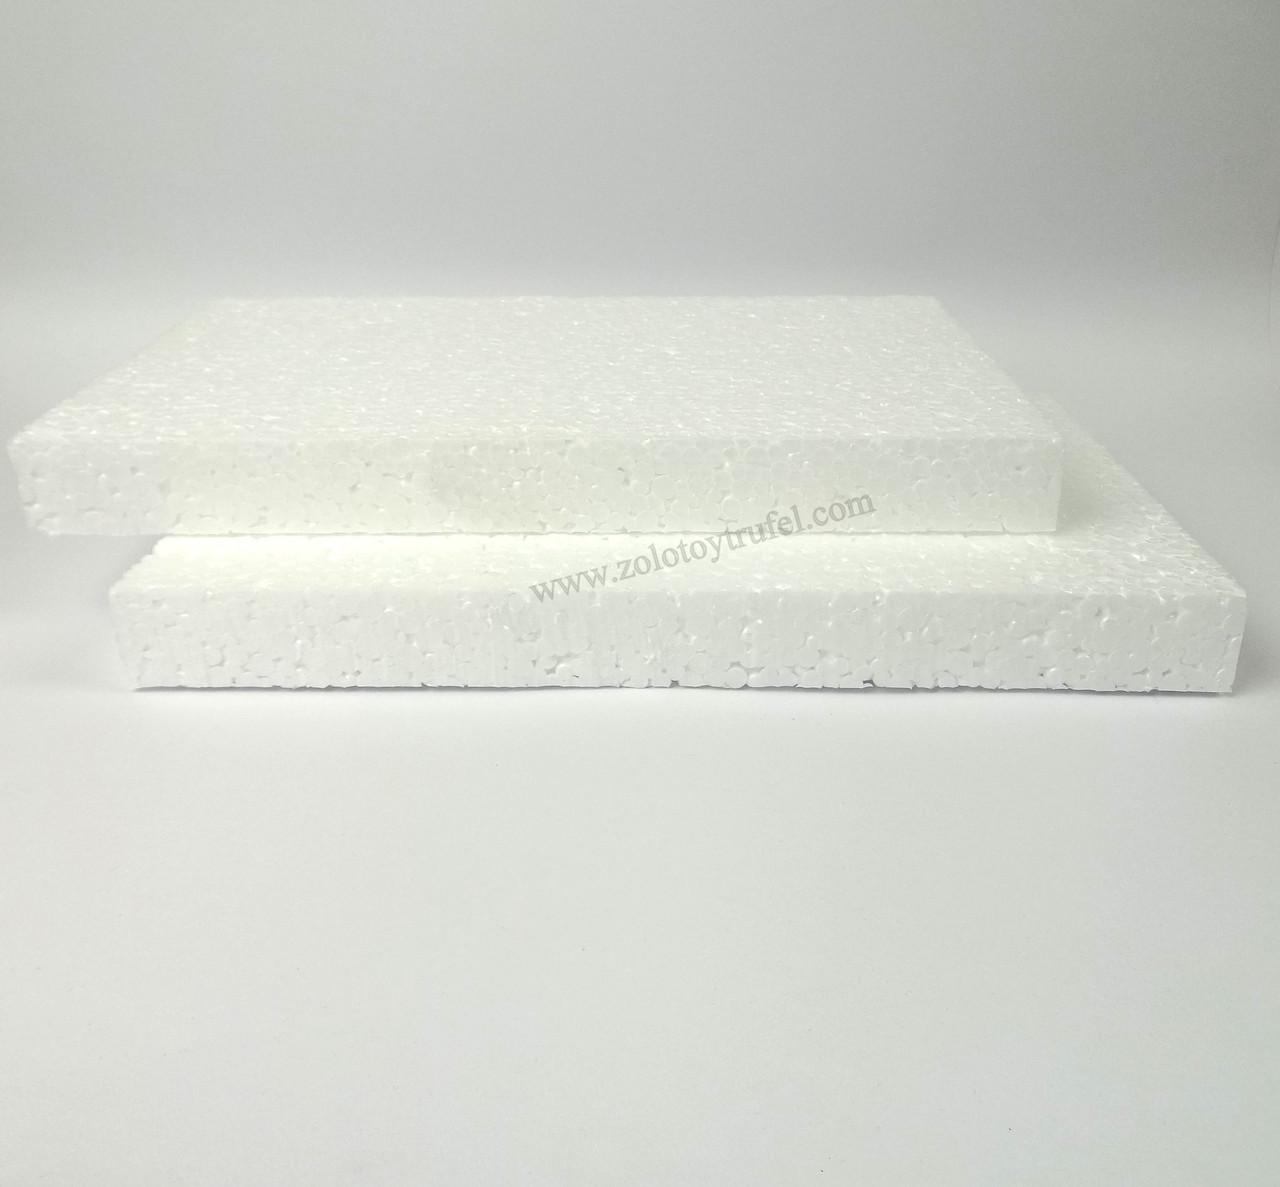 Прослойки пенопластовые для торта 10*10 см h 3 см